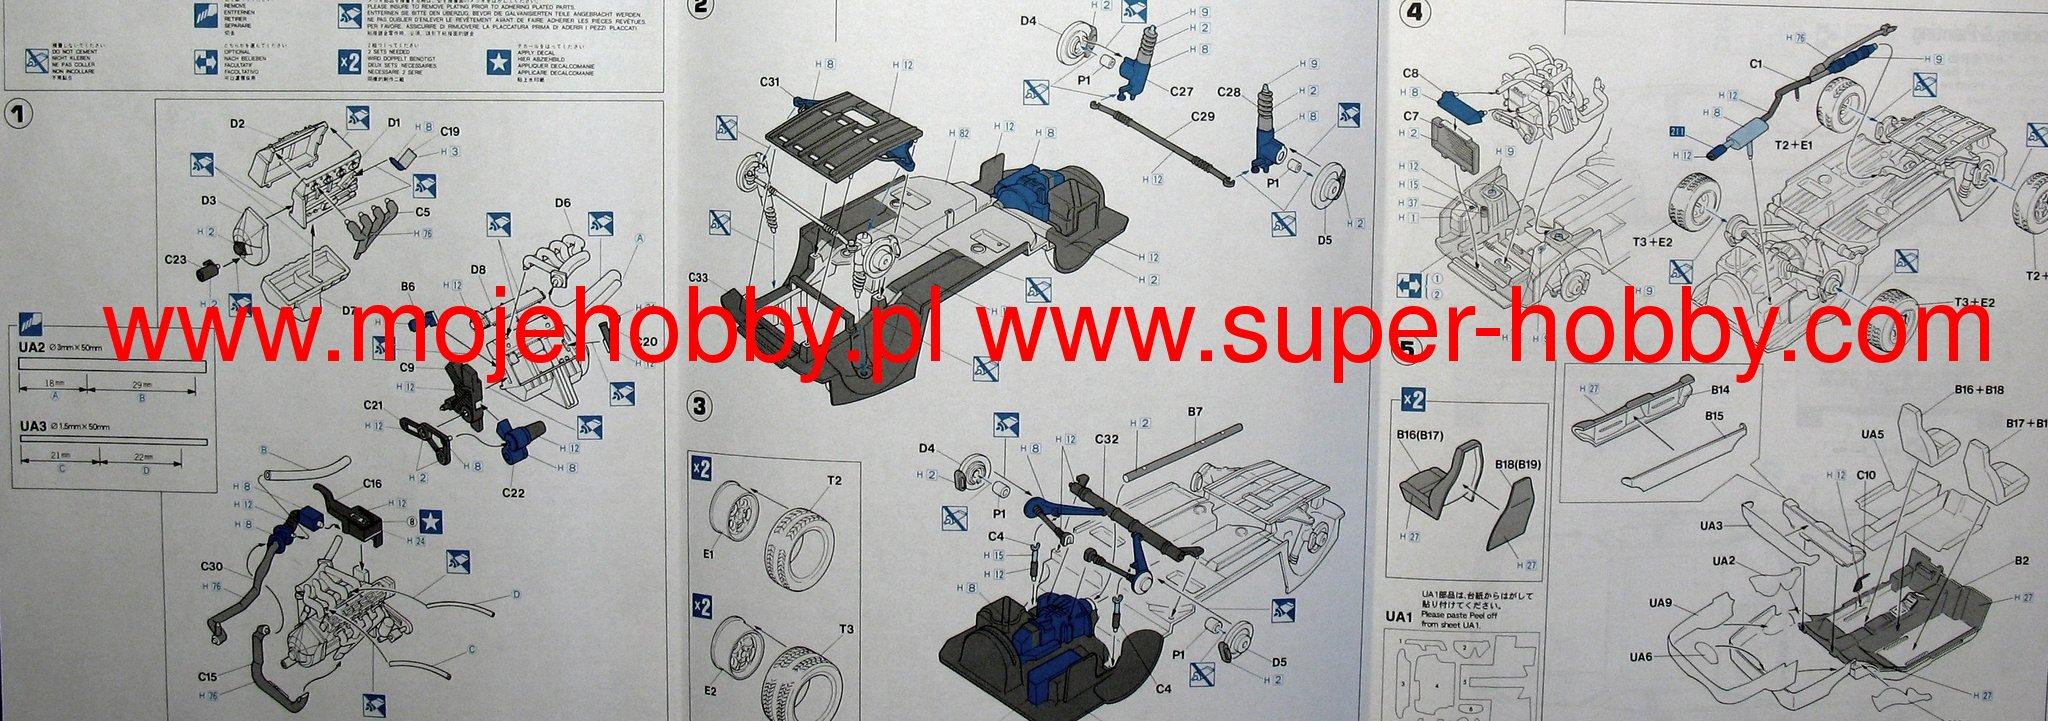 Porsche 944 Turbo Hasegawa 20260 Brakes Diagram 2 Has20260